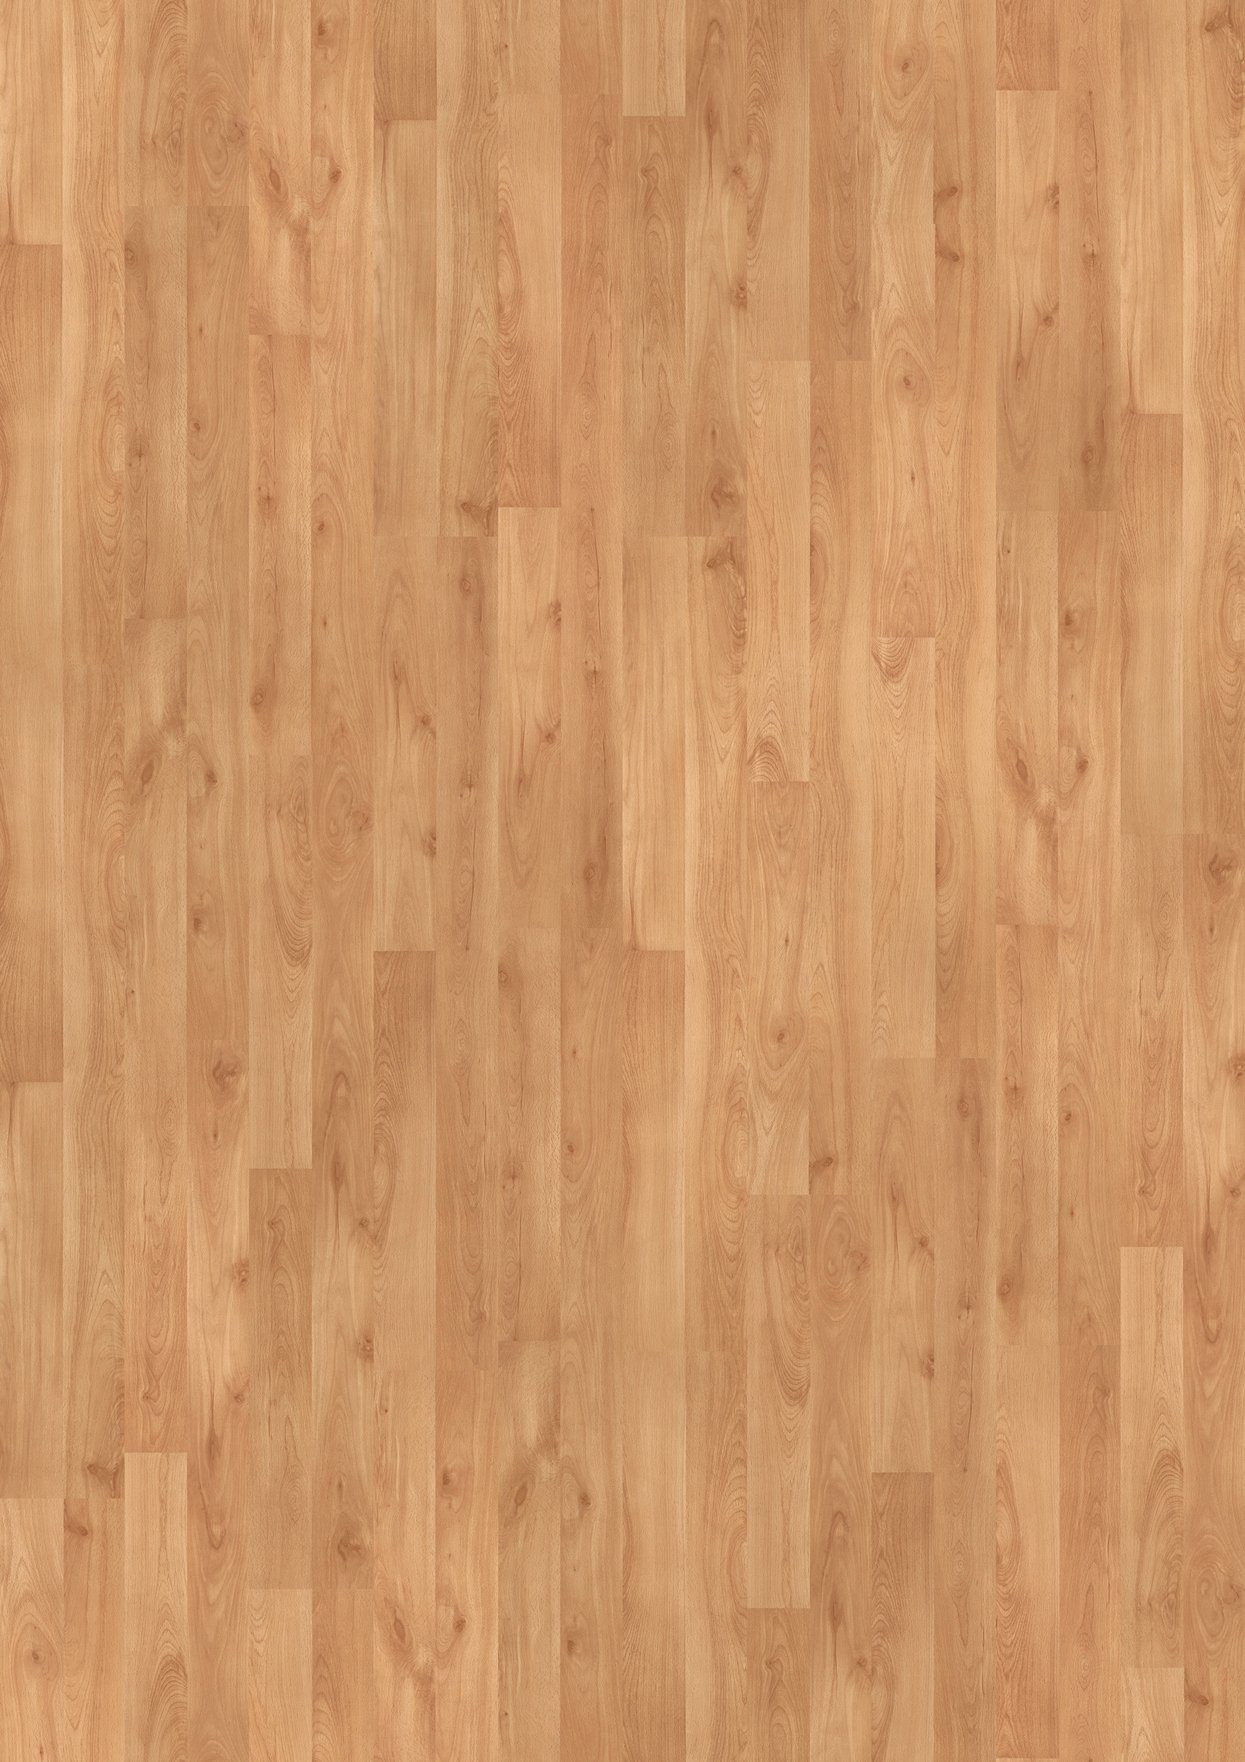 PARADOR Laminat »Basic 200 - Buche Holzstruktur«, 1285 x 194 mm, Stärke: 7 mm